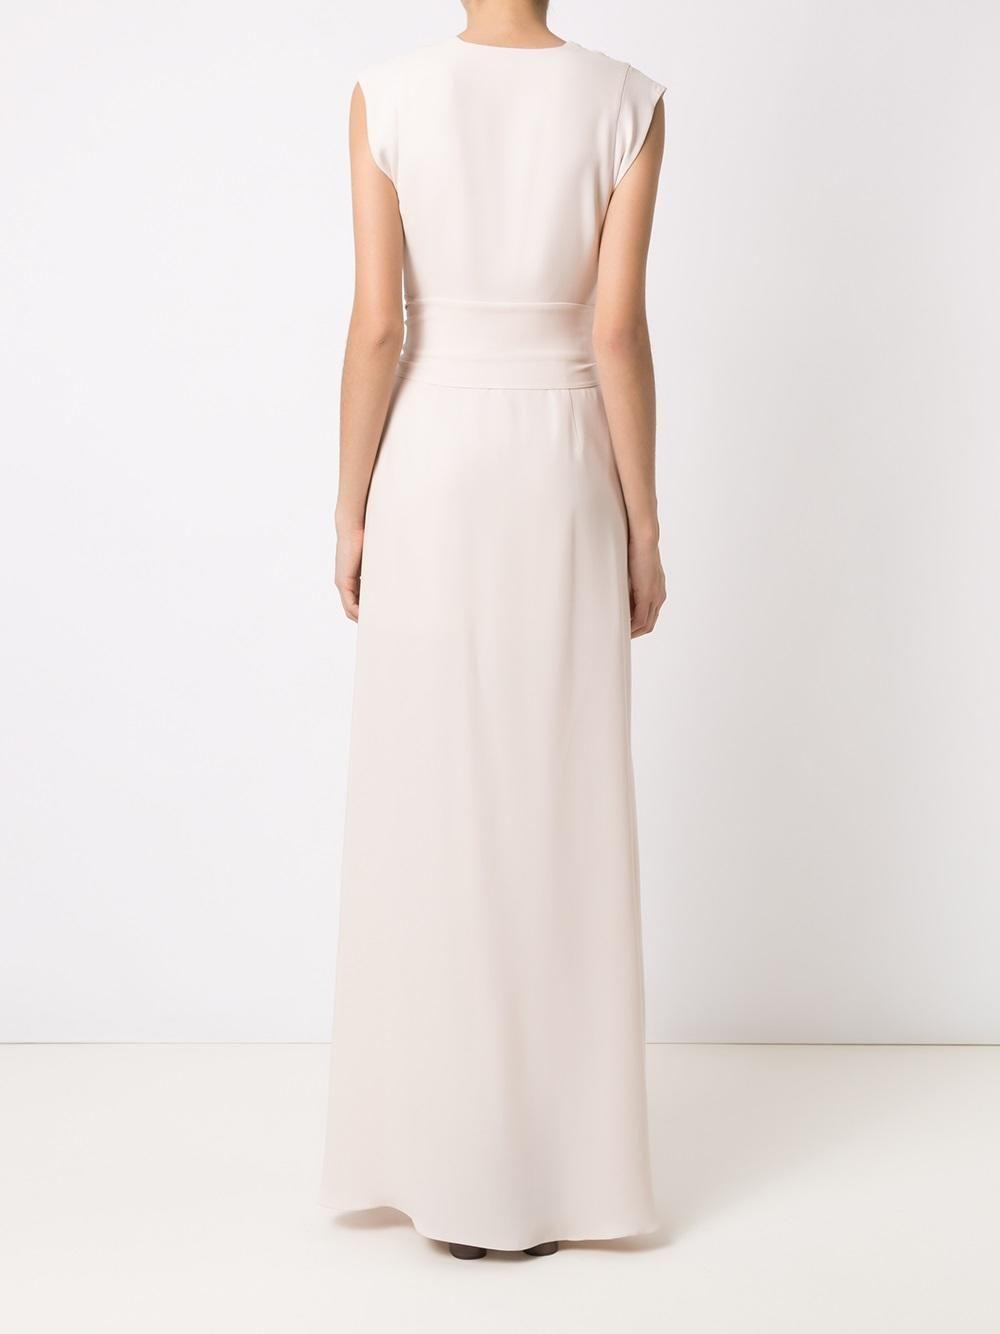 8988b757f Nk Collection Vestido longo com amarração - Exclusivo Farfetch ...